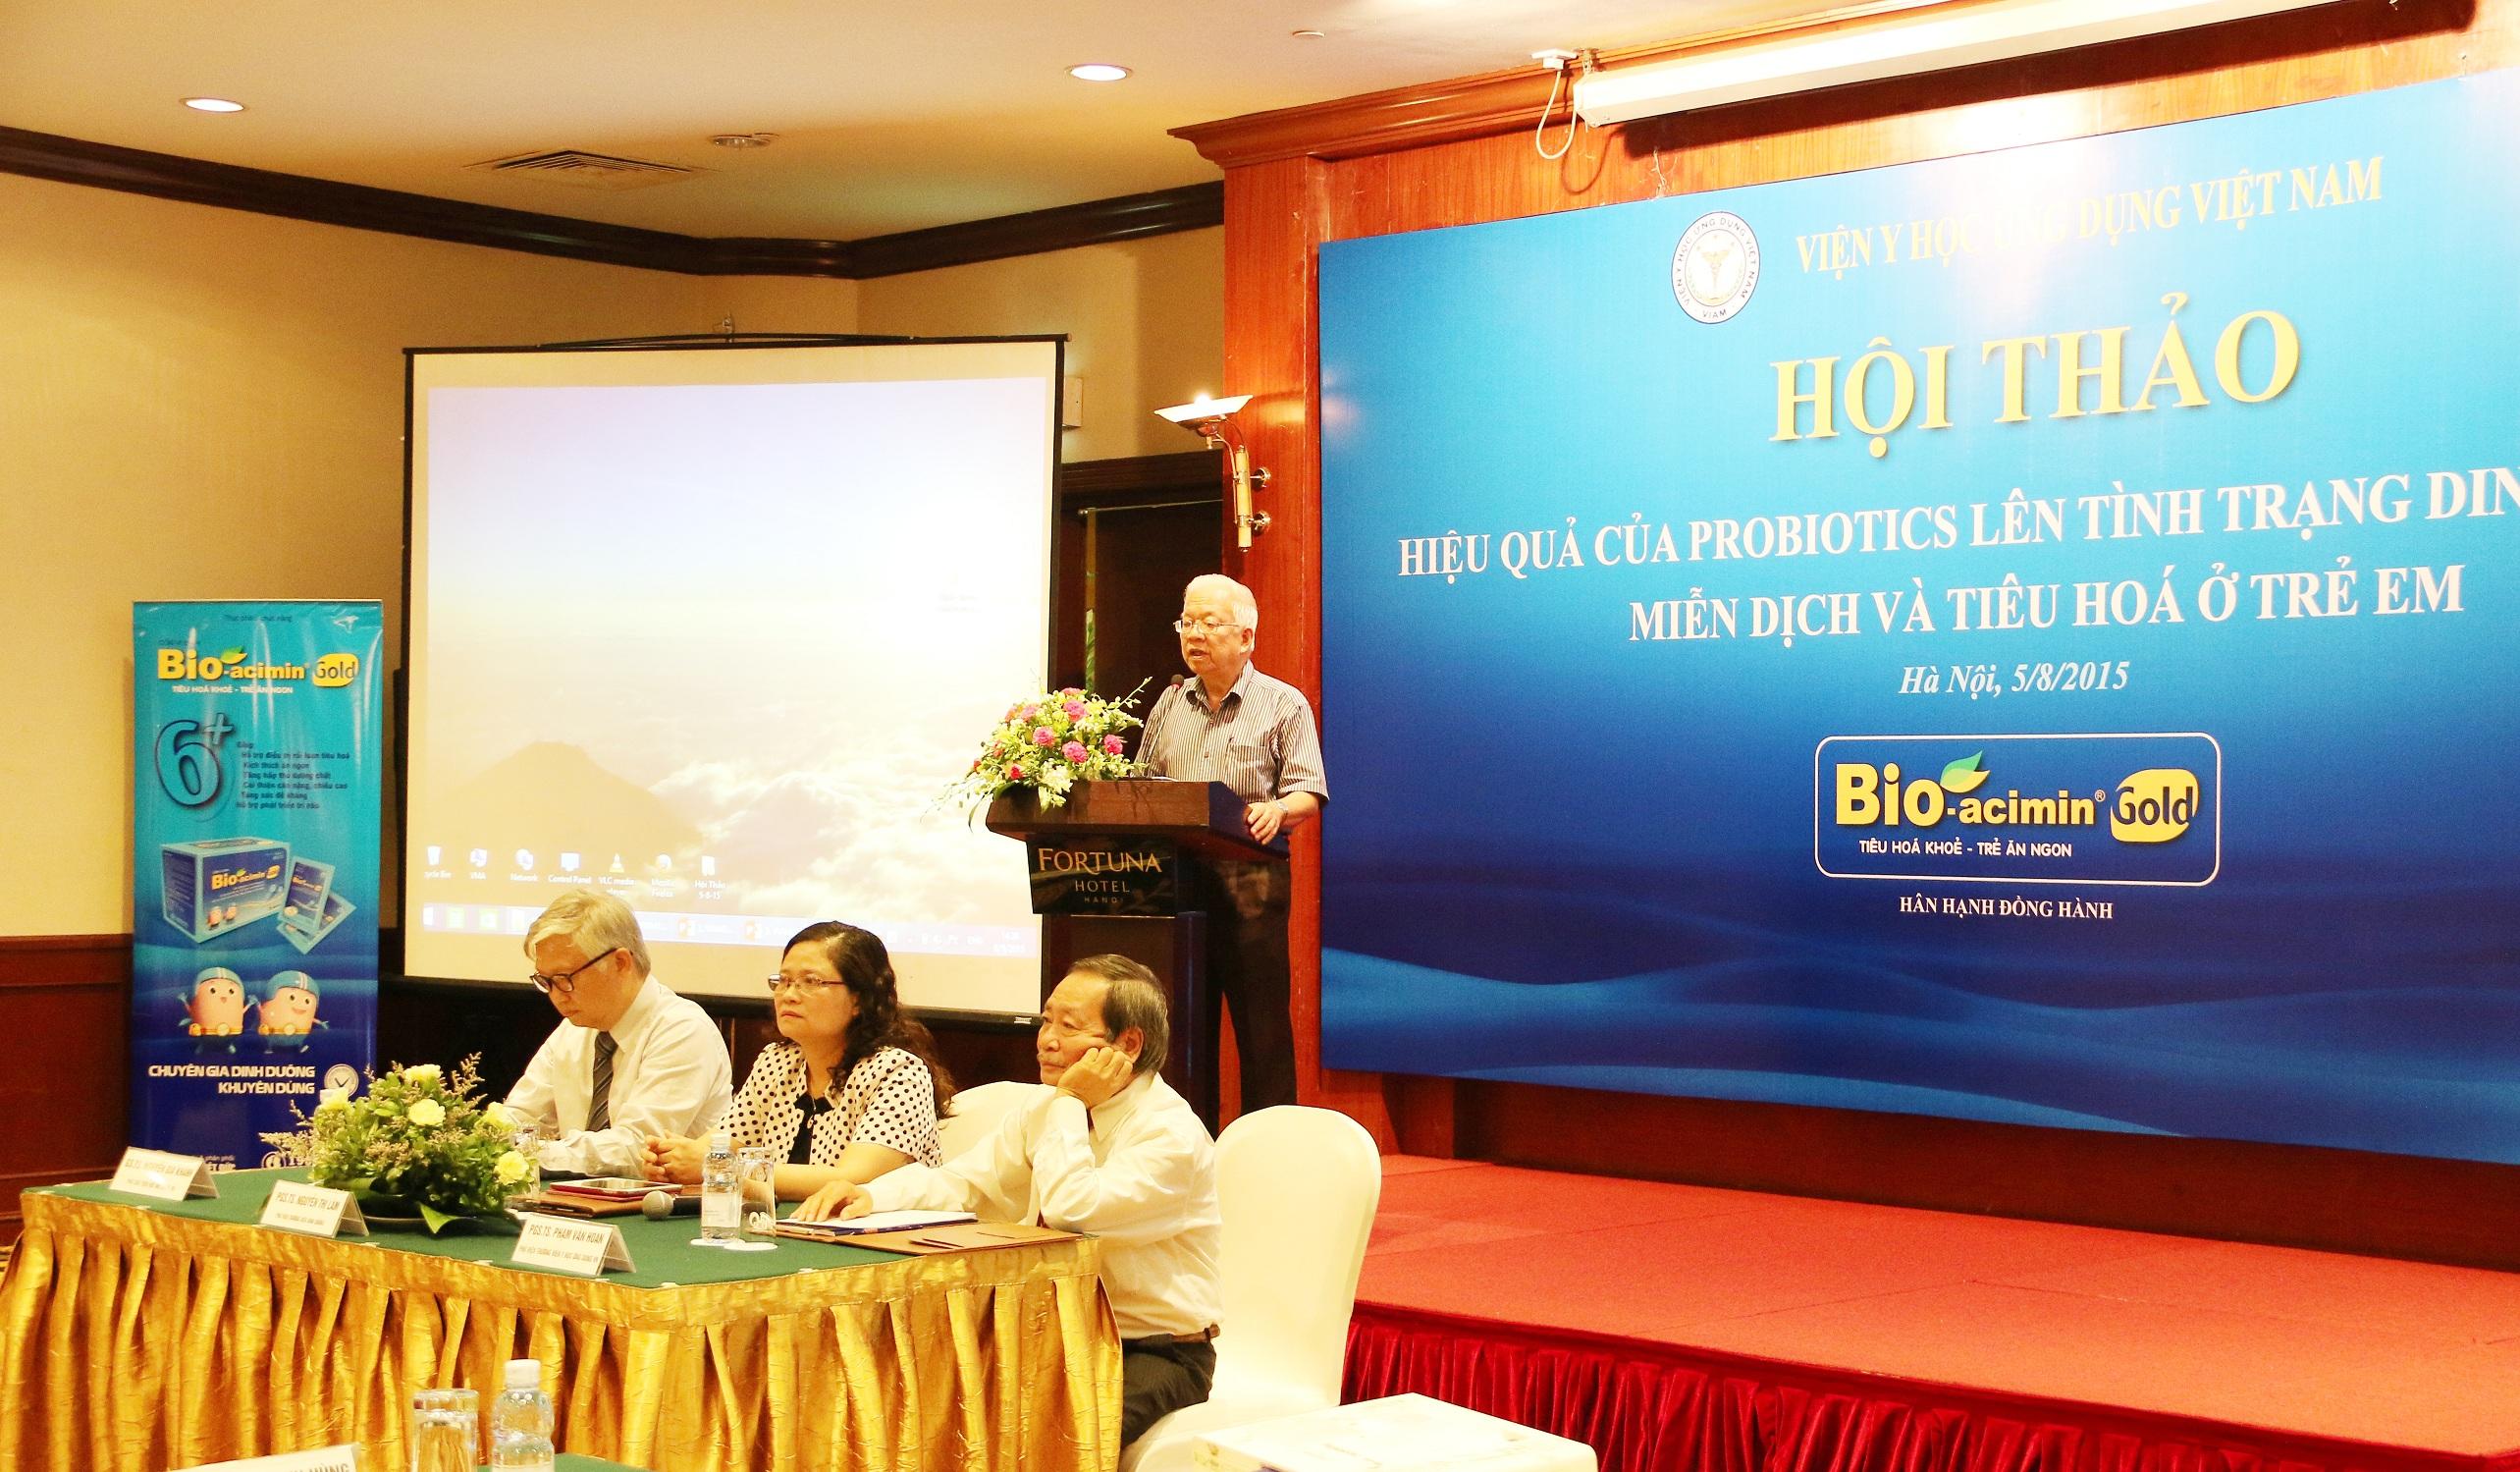 GSTS Phan Manh Hung - Bao cao Nghien cuu lam sang Bio-acimin Gold